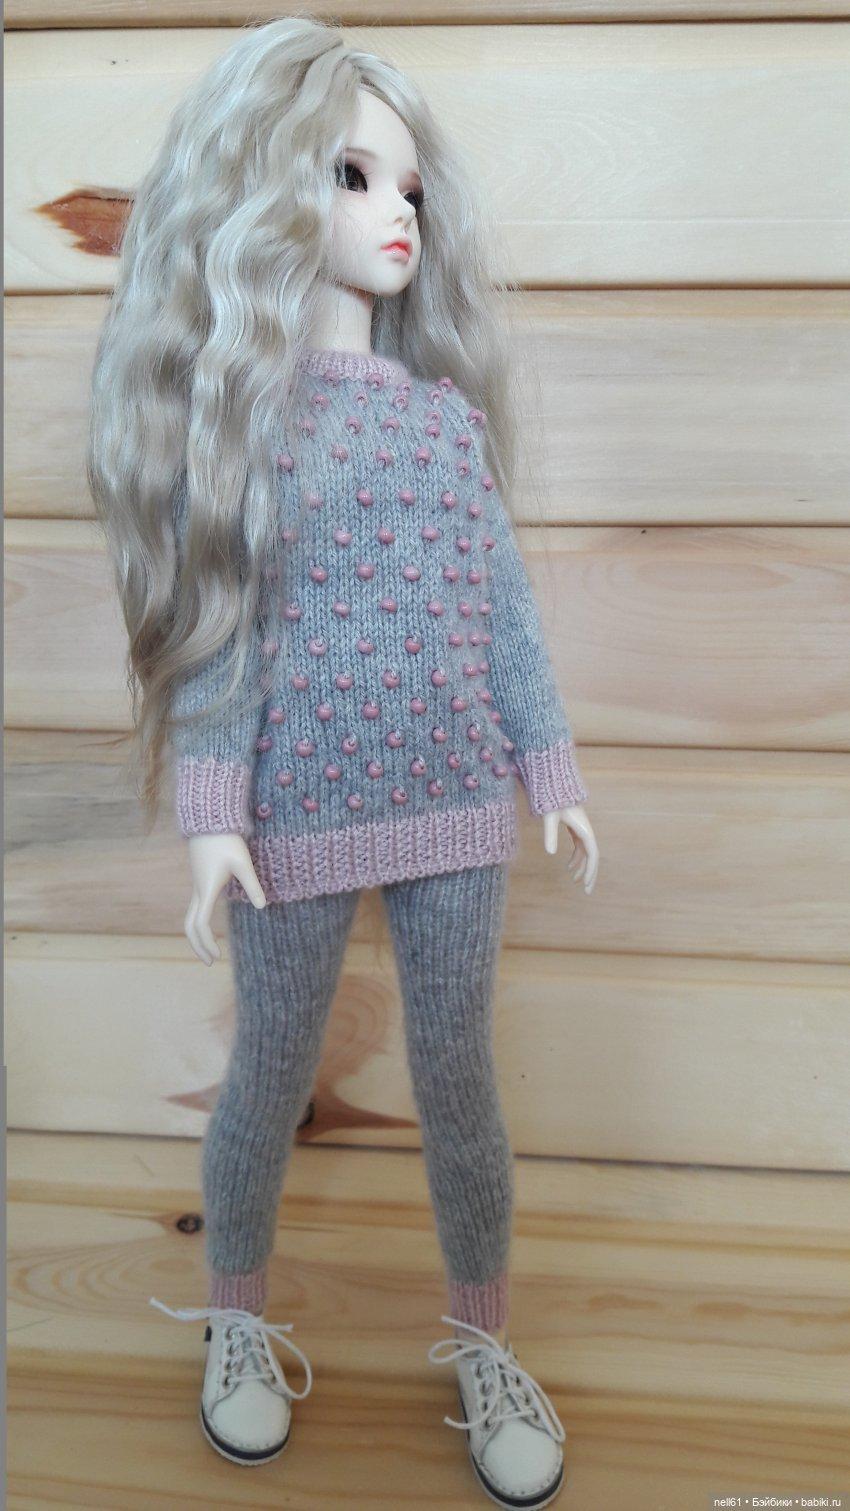 Комплект одежды для кукол МСД 1/4 выполнен из кашемира Гоби. Отделка чешским бисером